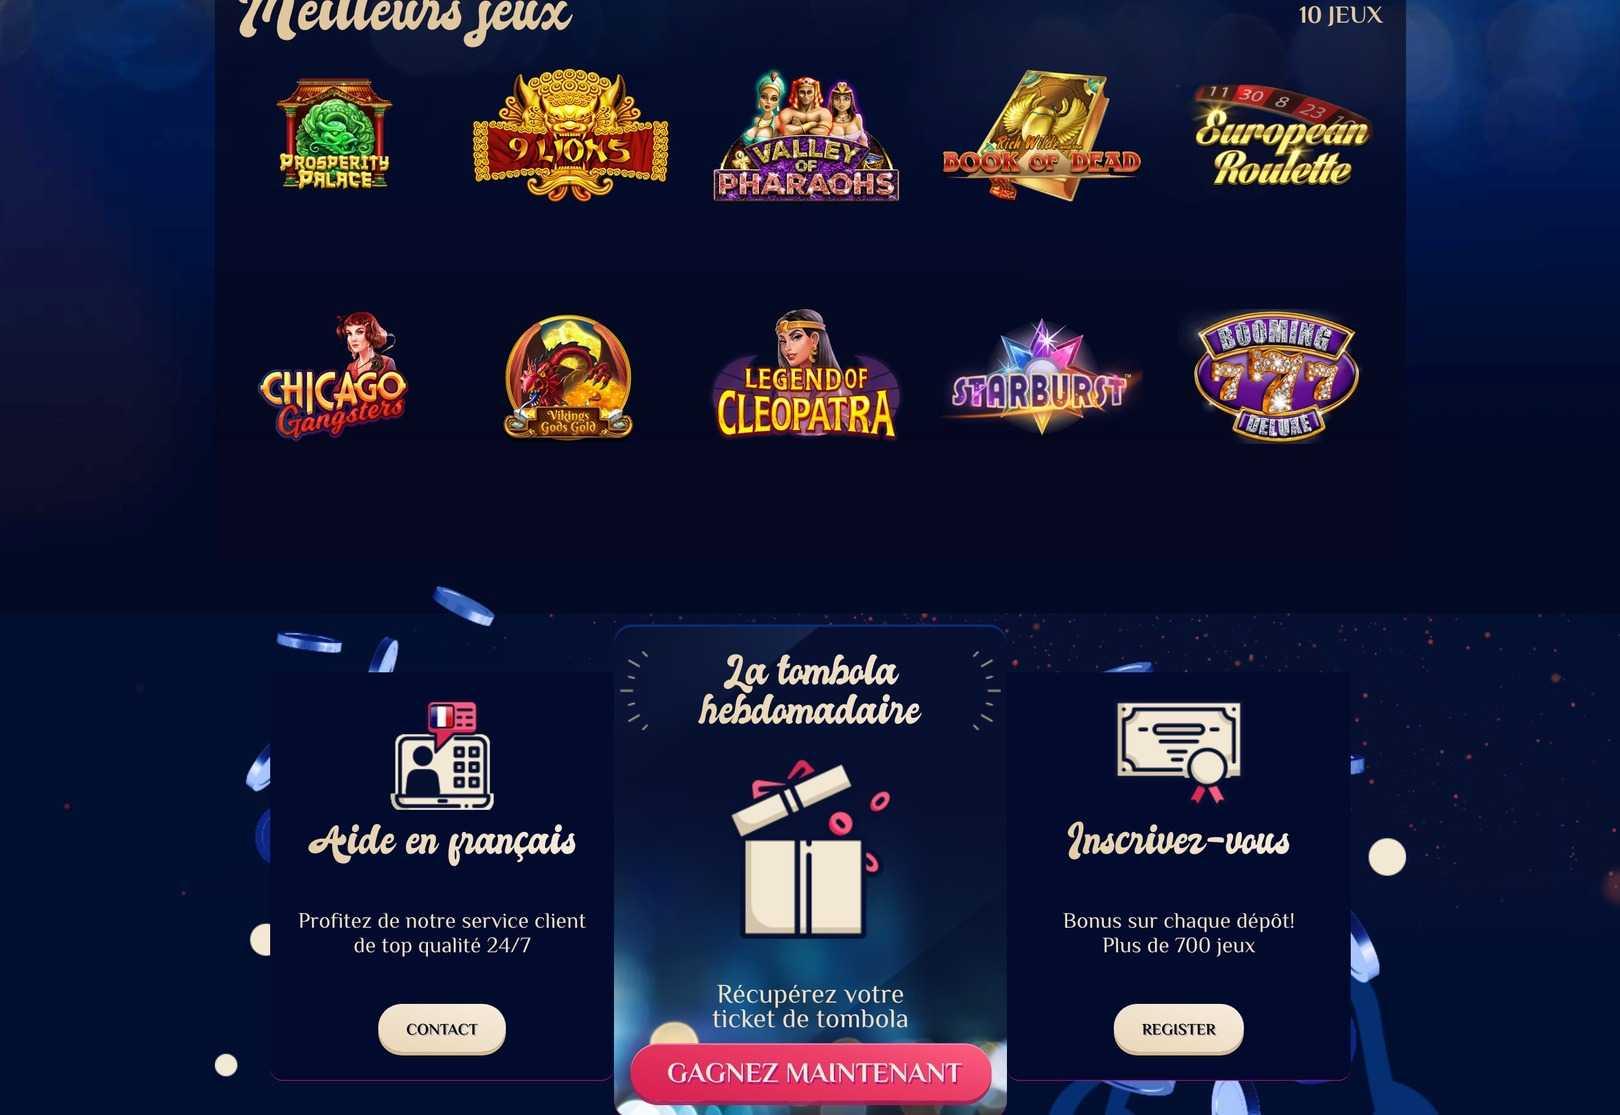 jeux vegas casino